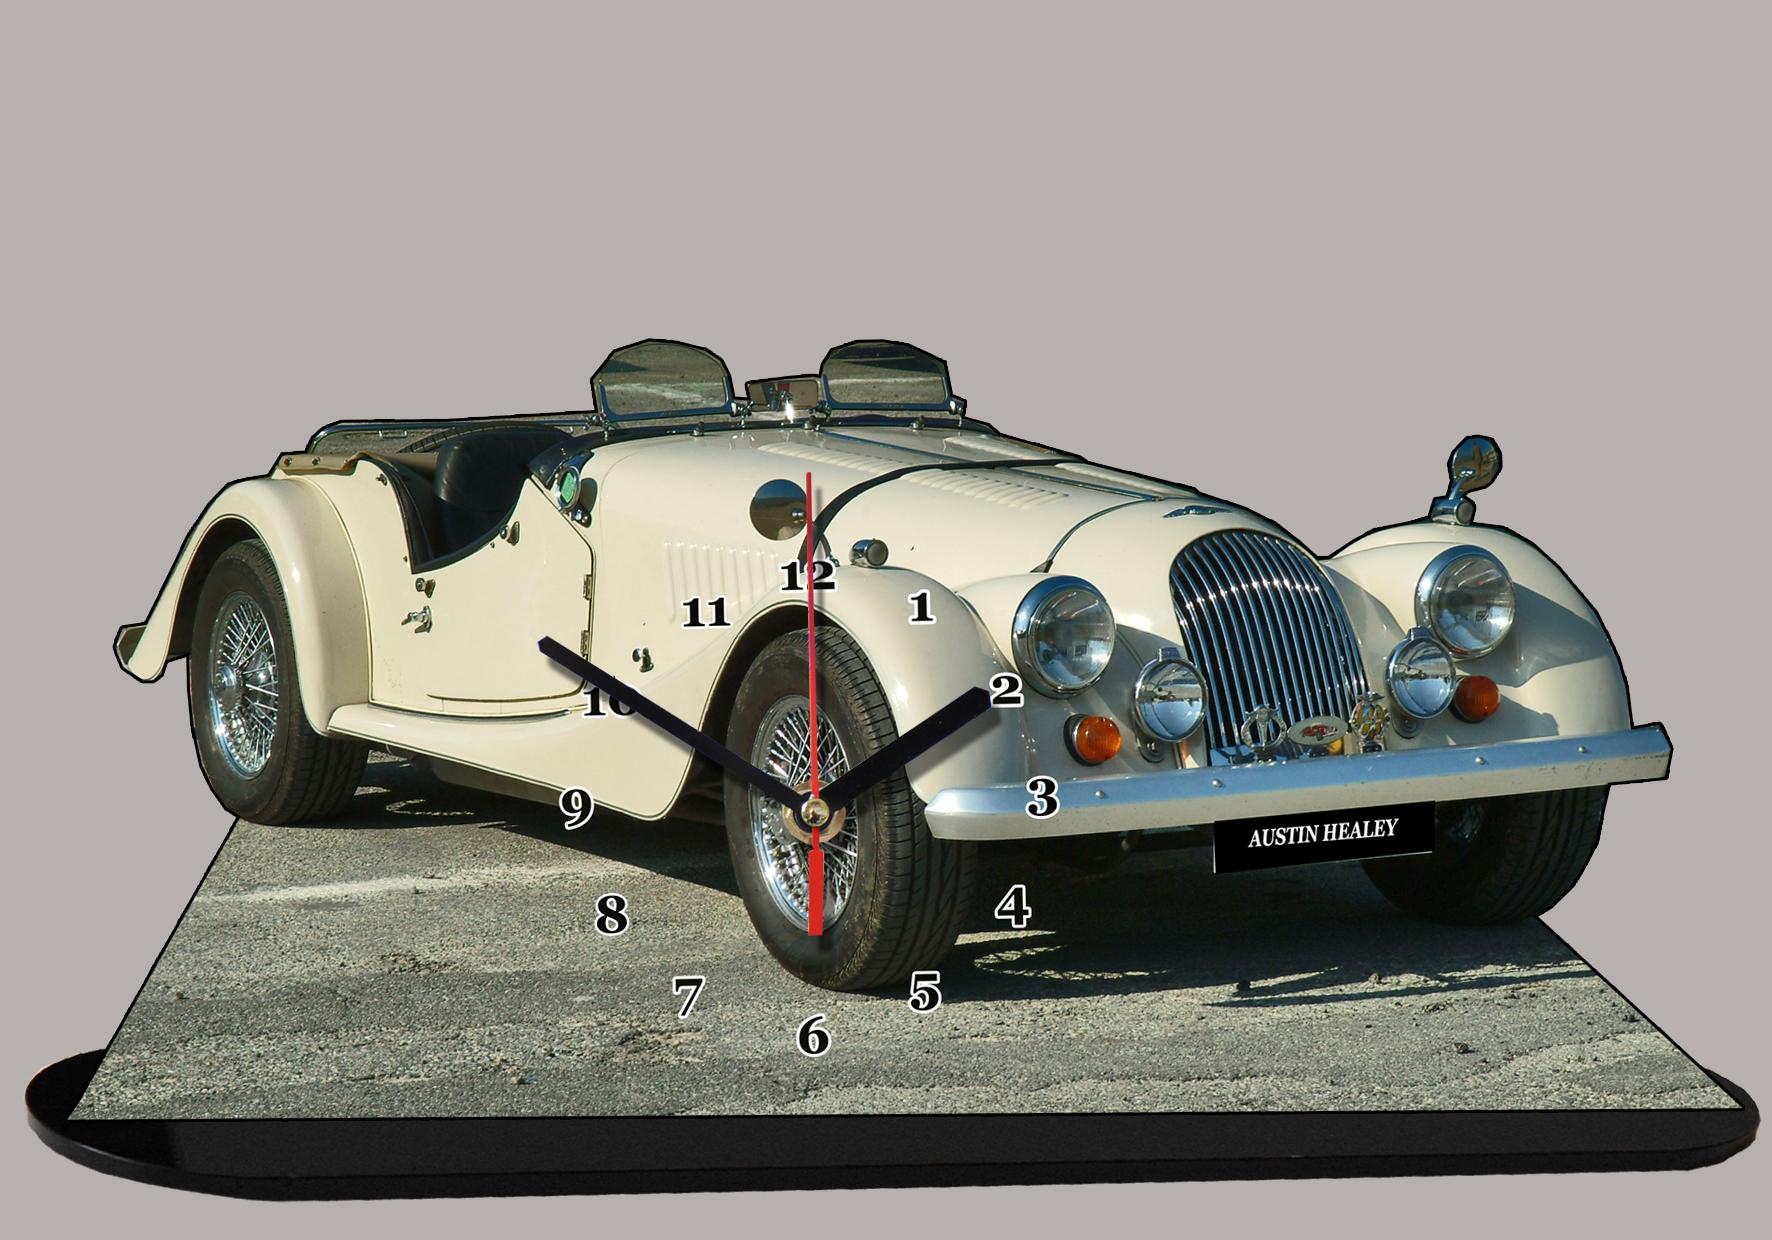 austin healey blanche cabriolet